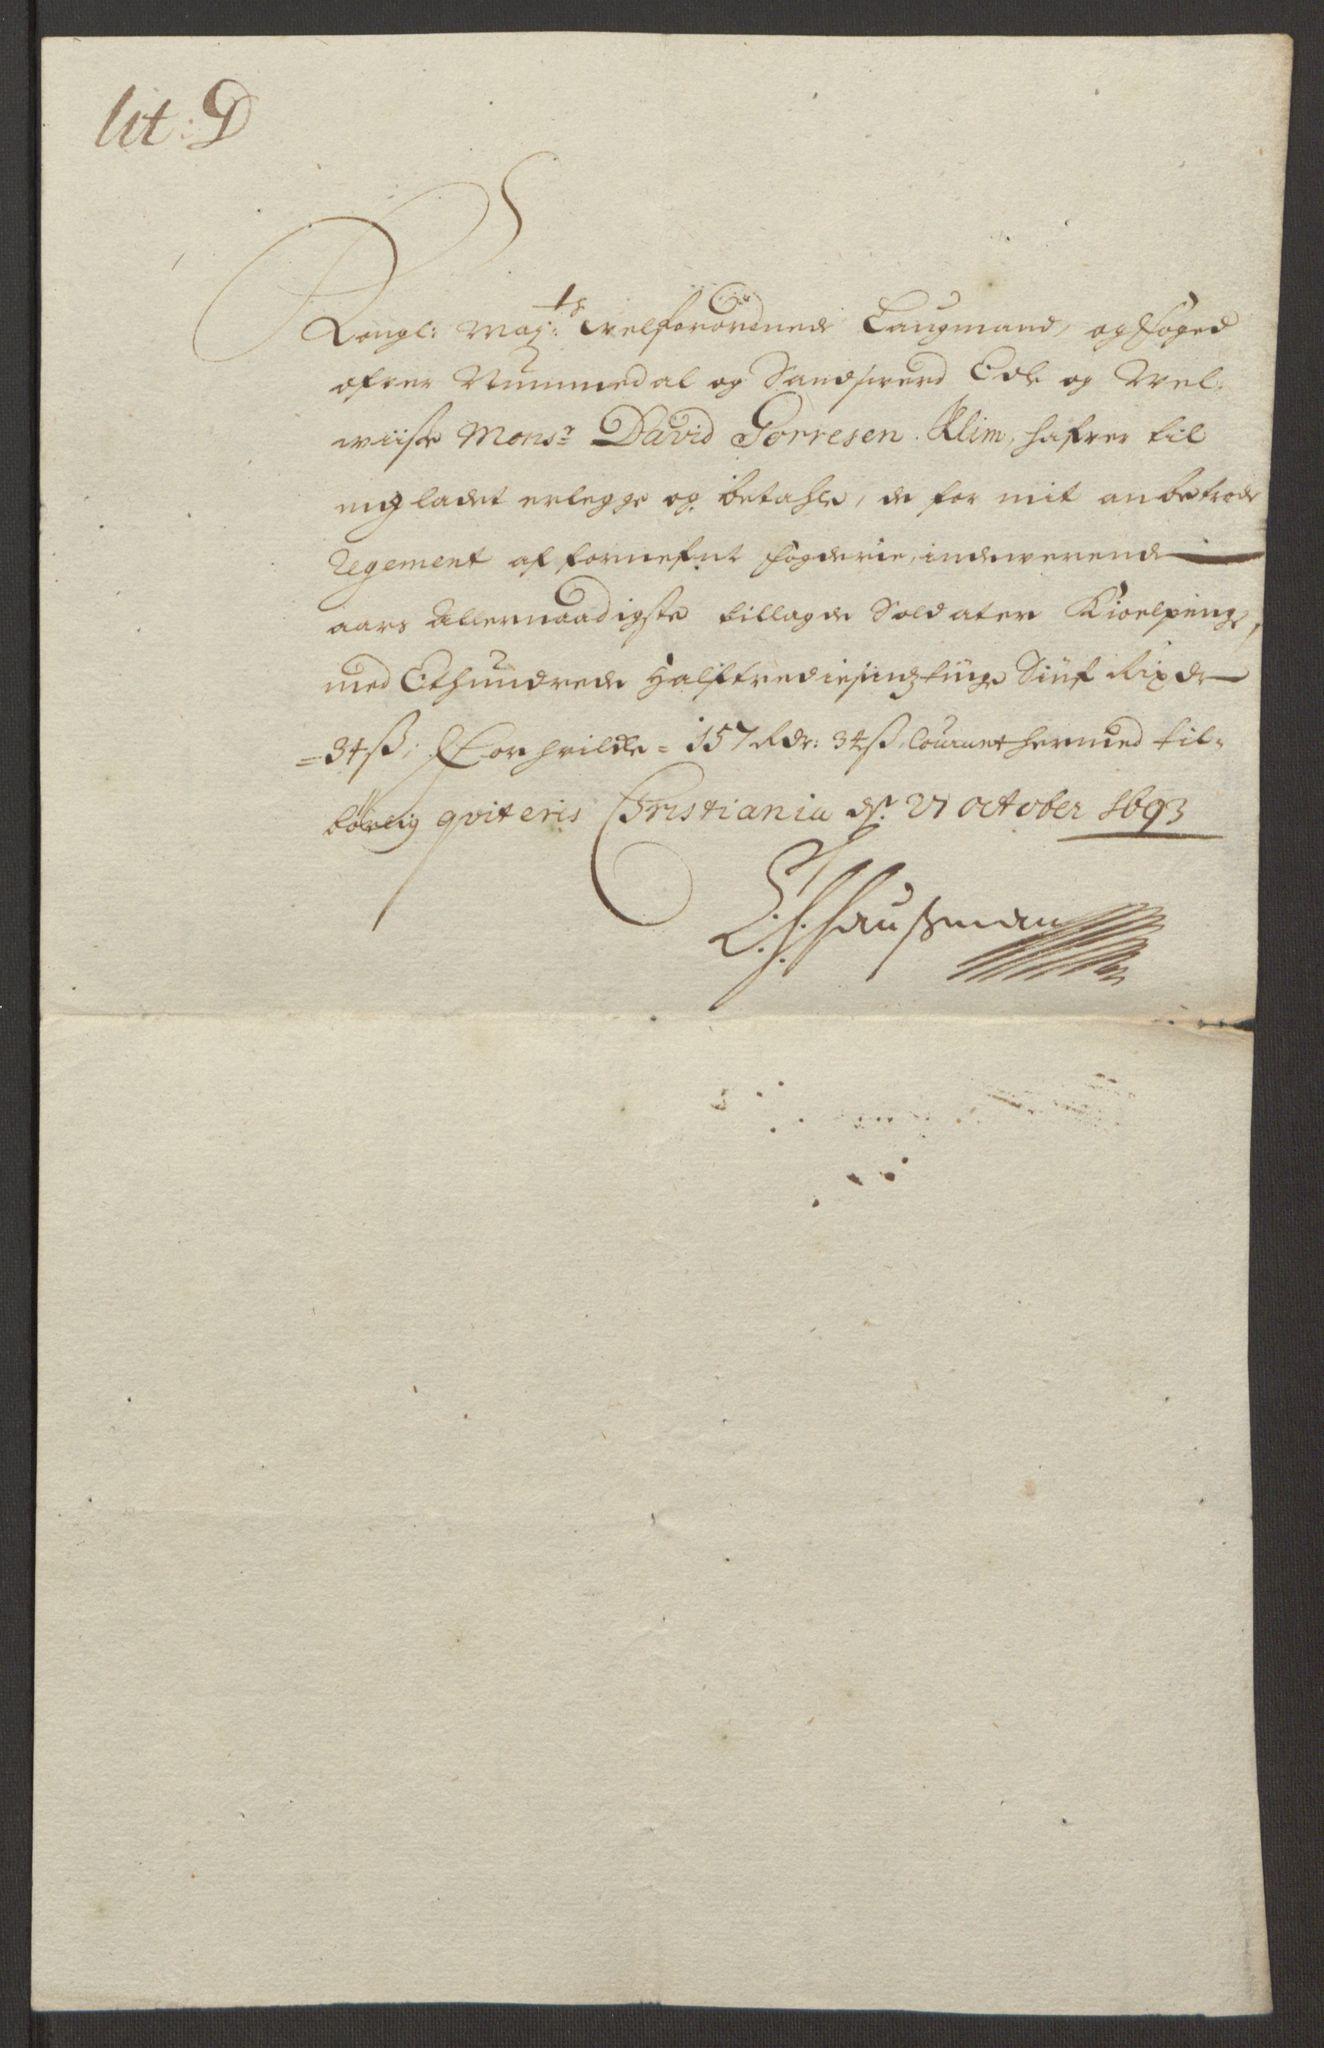 RA, Rentekammeret inntil 1814, Reviderte regnskaper, Fogderegnskap, R24/L1575: Fogderegnskap Numedal og Sandsvær, 1692-1695, s. 453